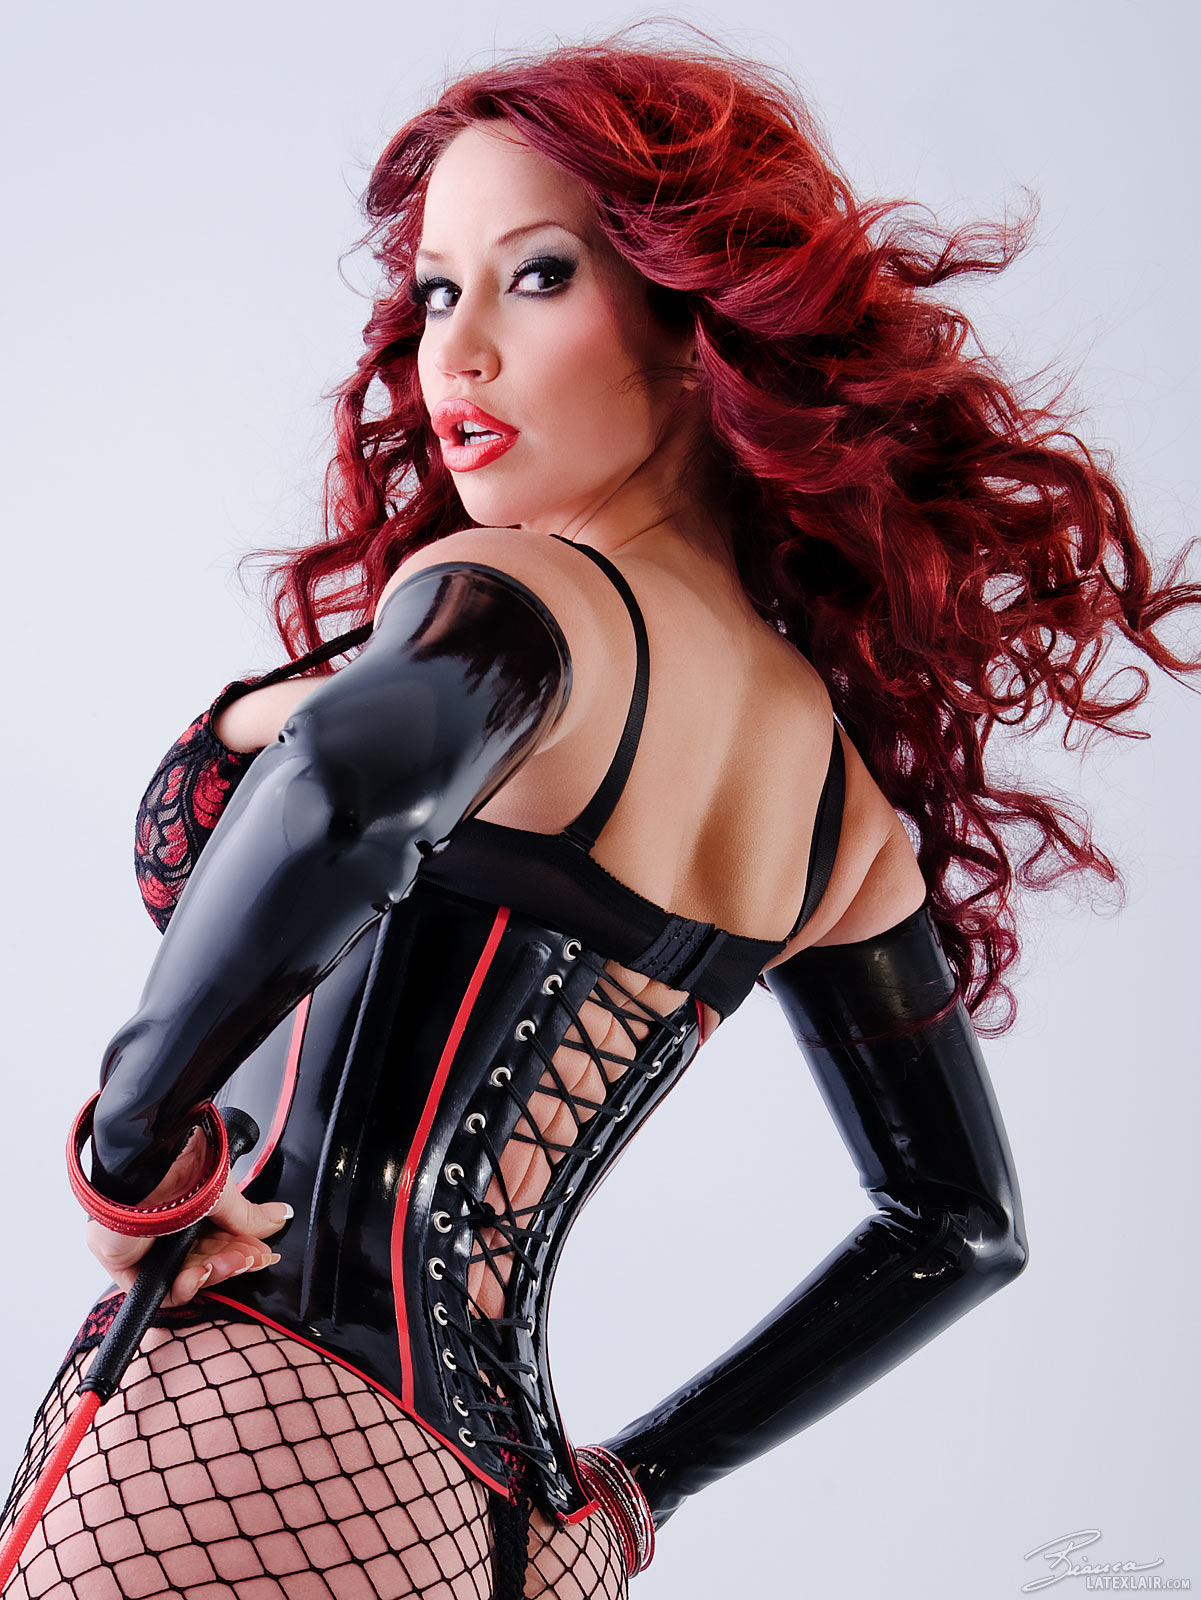 corset latex Bianca beauchamp